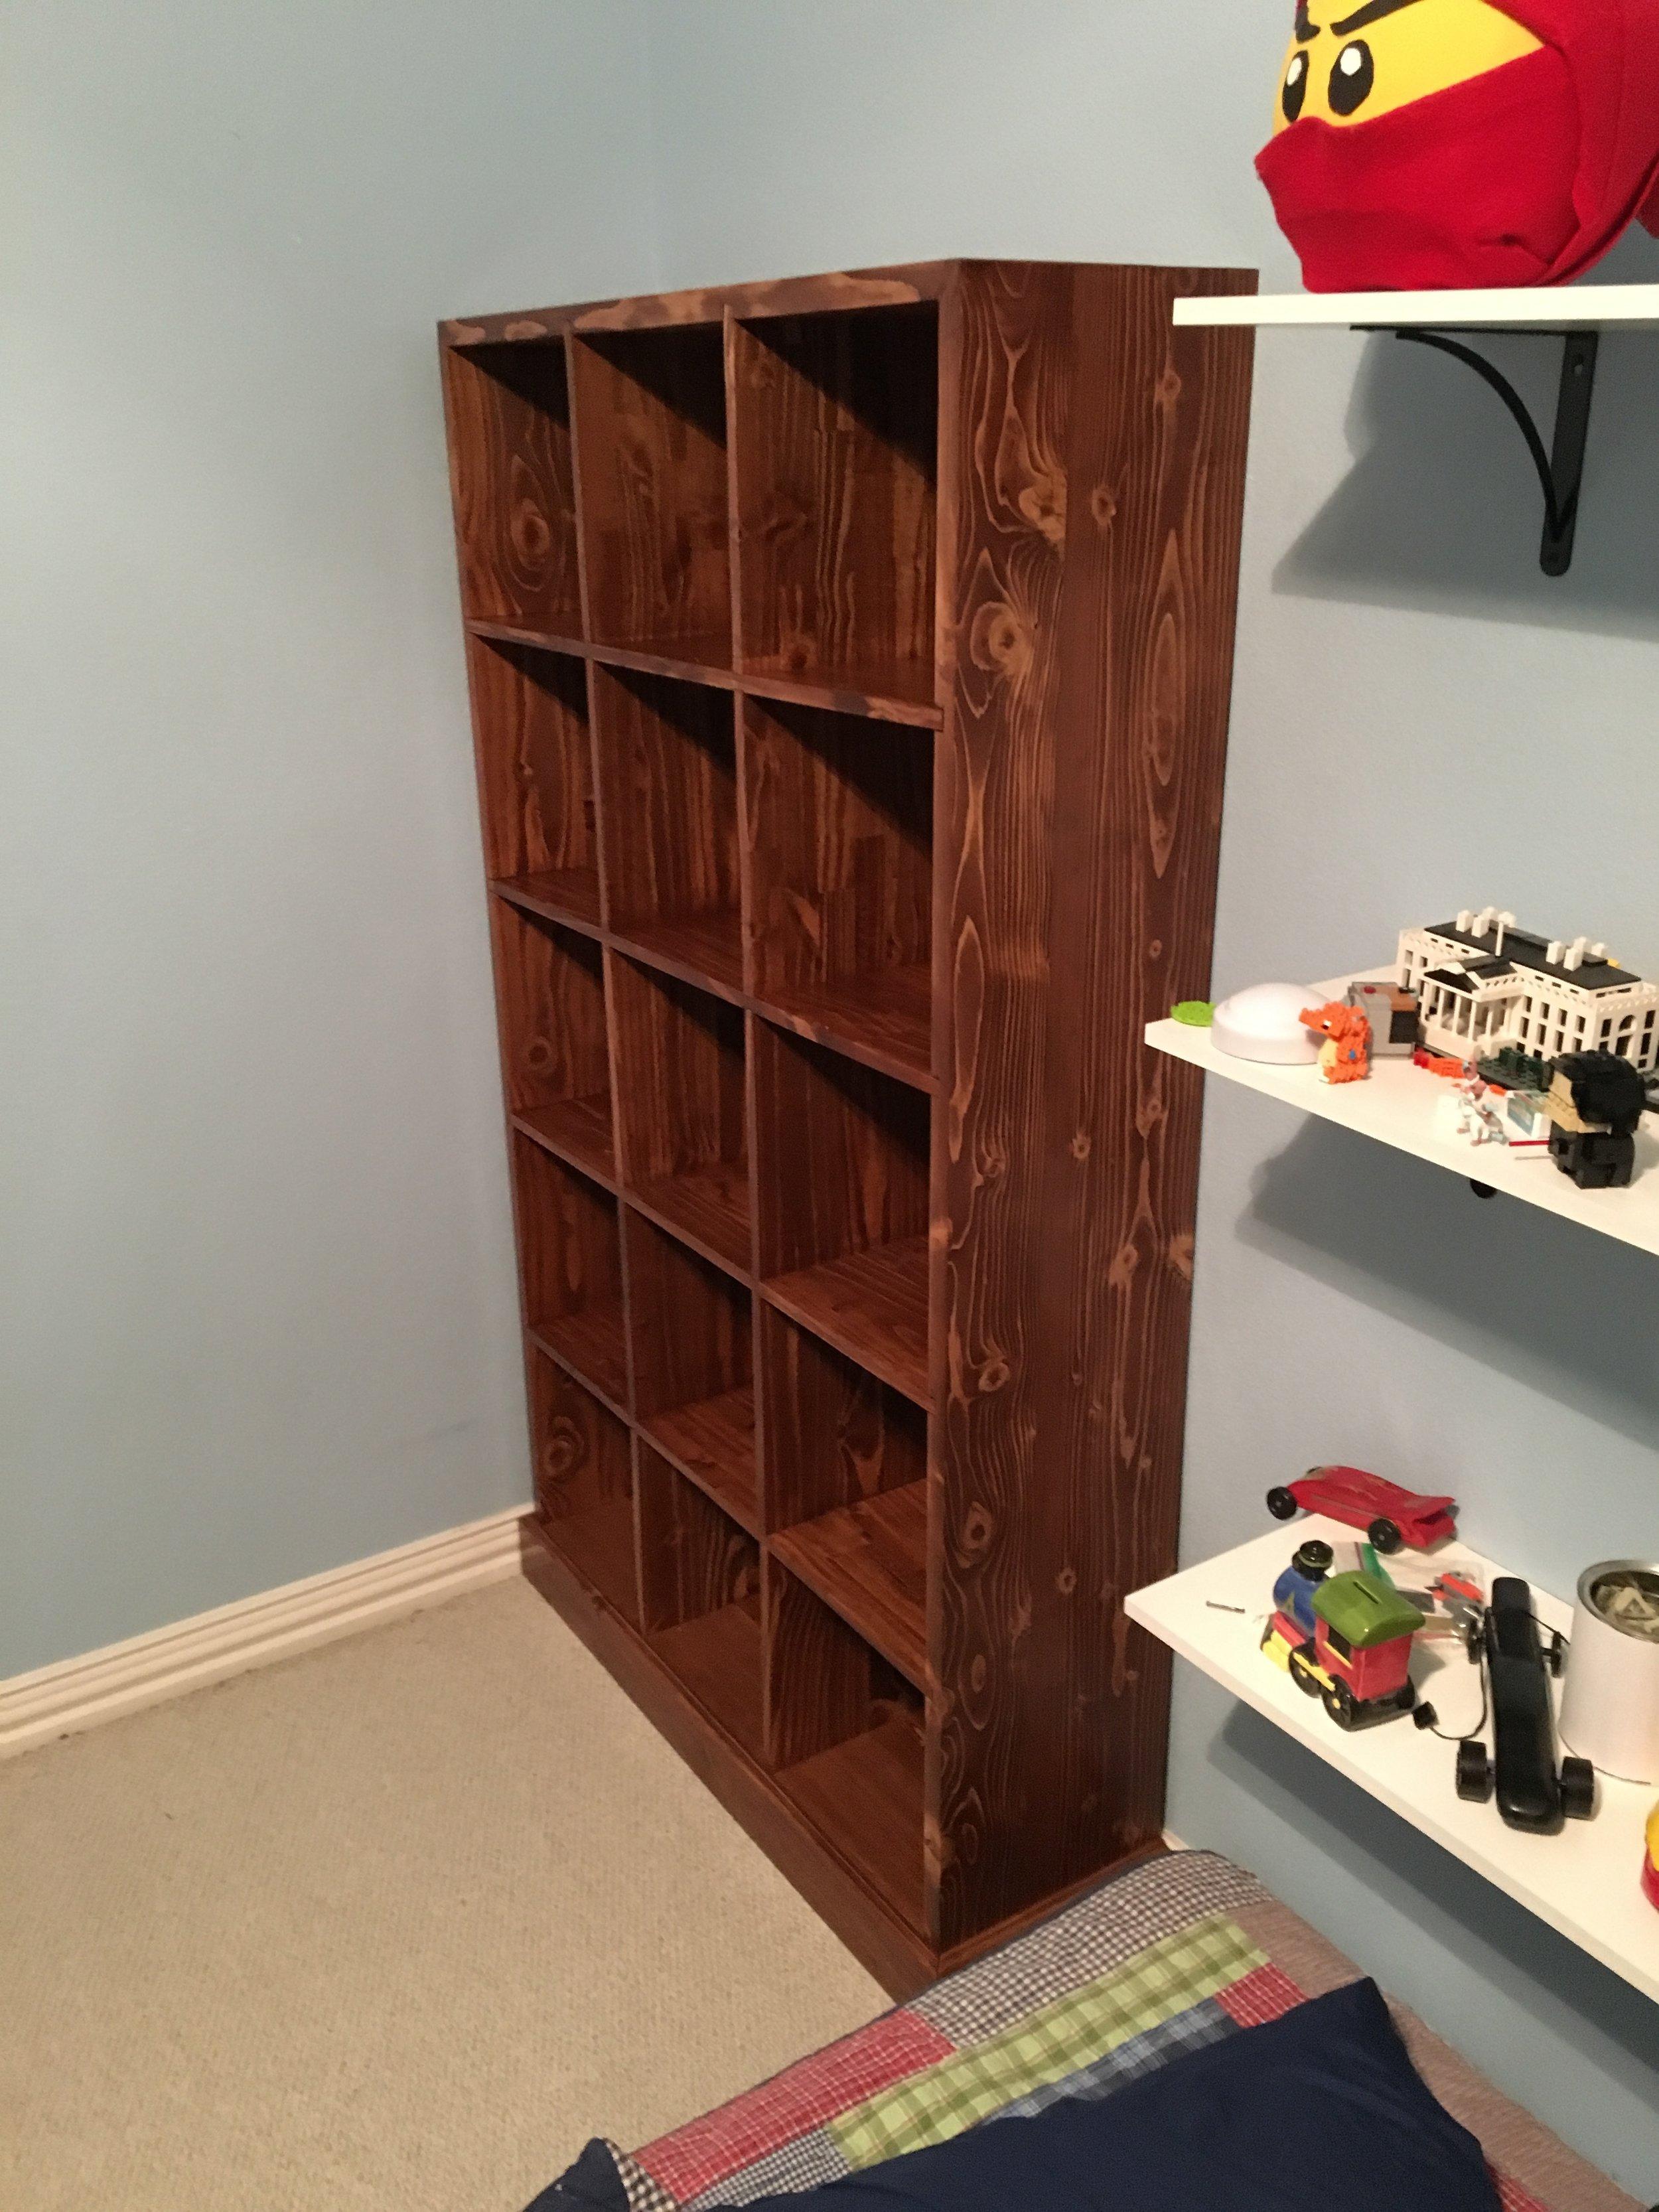 tmd shelves.jpeg